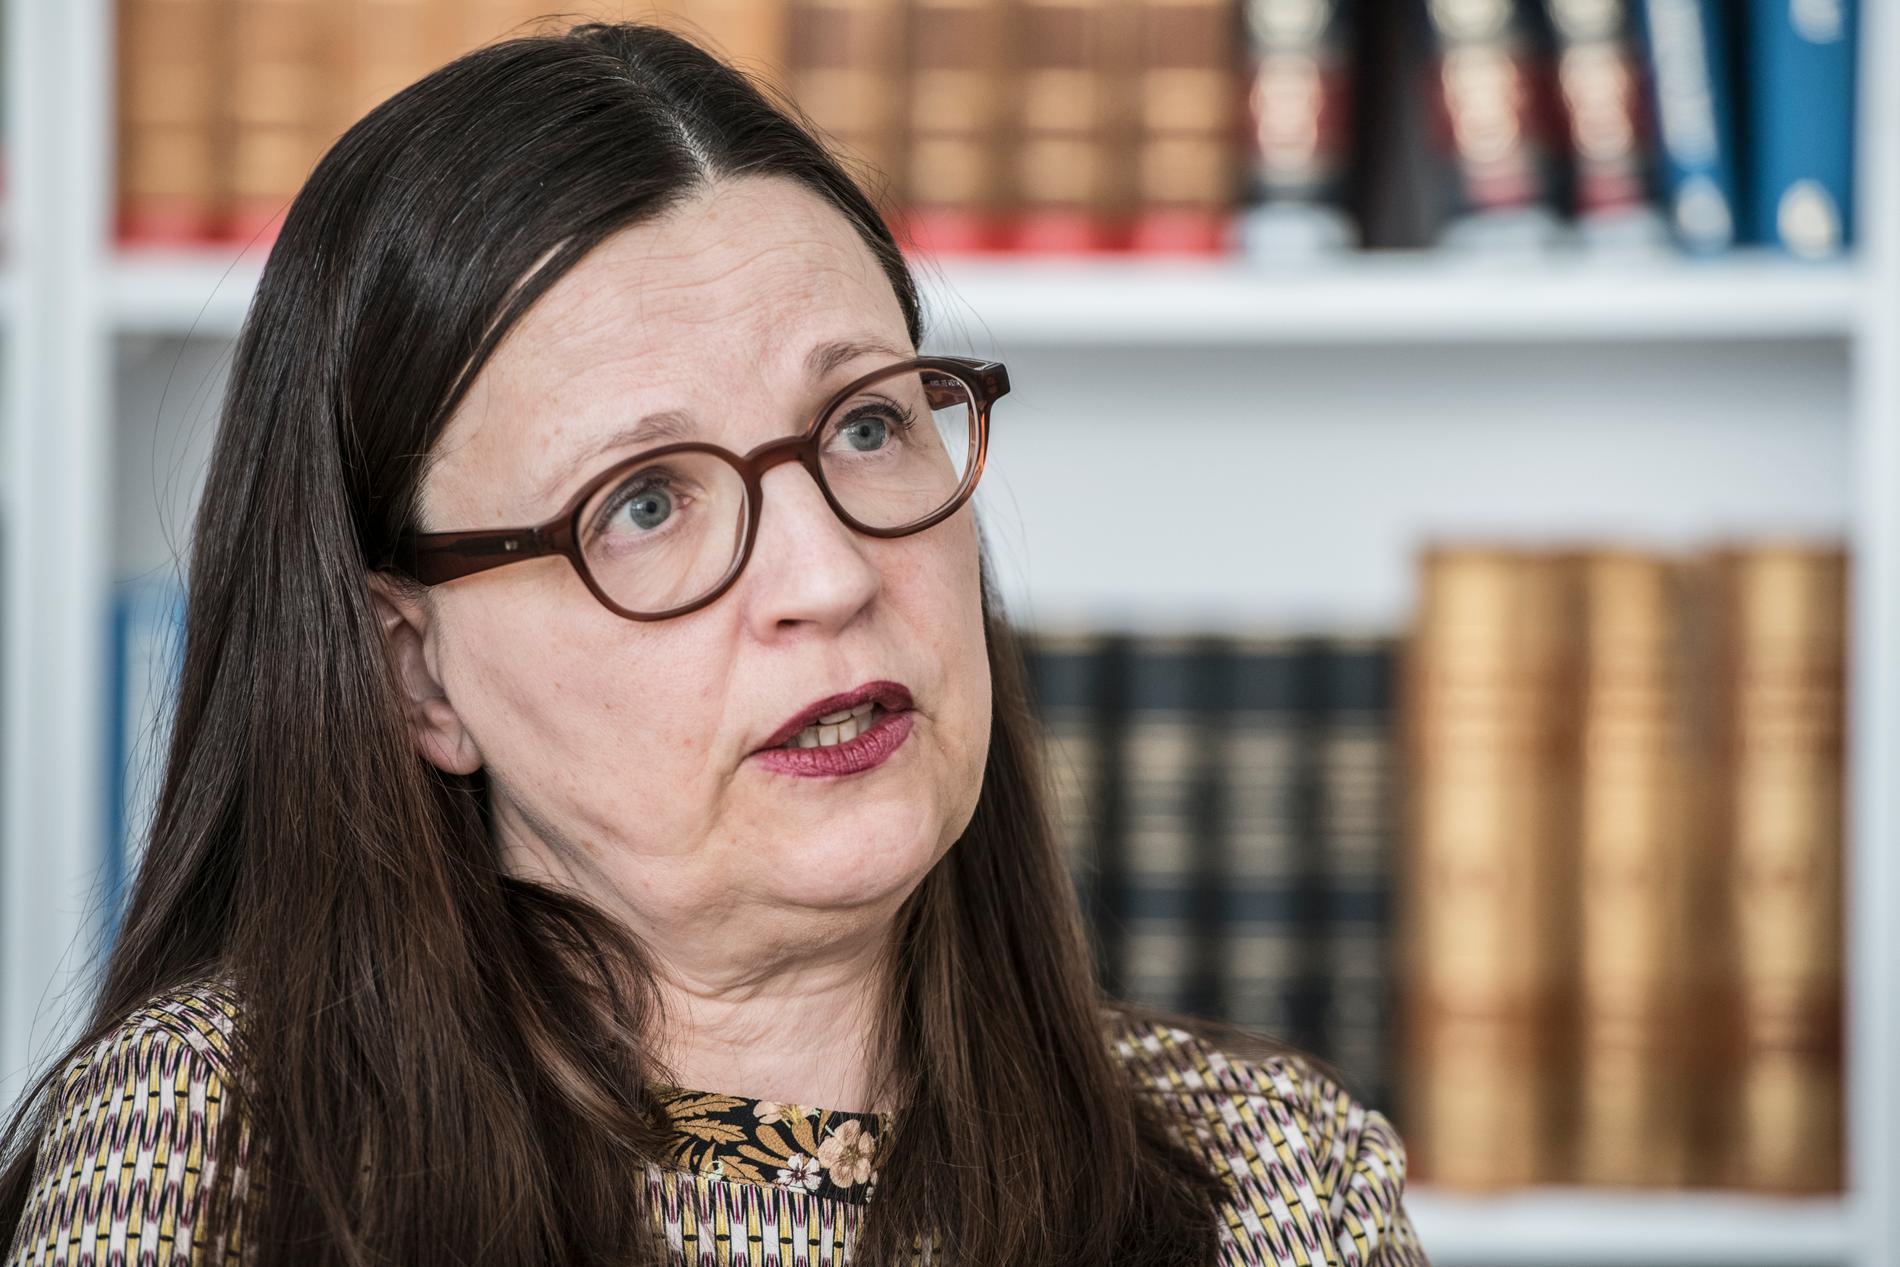 Utbildningsminister Anna Ekström (S) öppnar för obligatorisk sommarskola. Arkivbild.